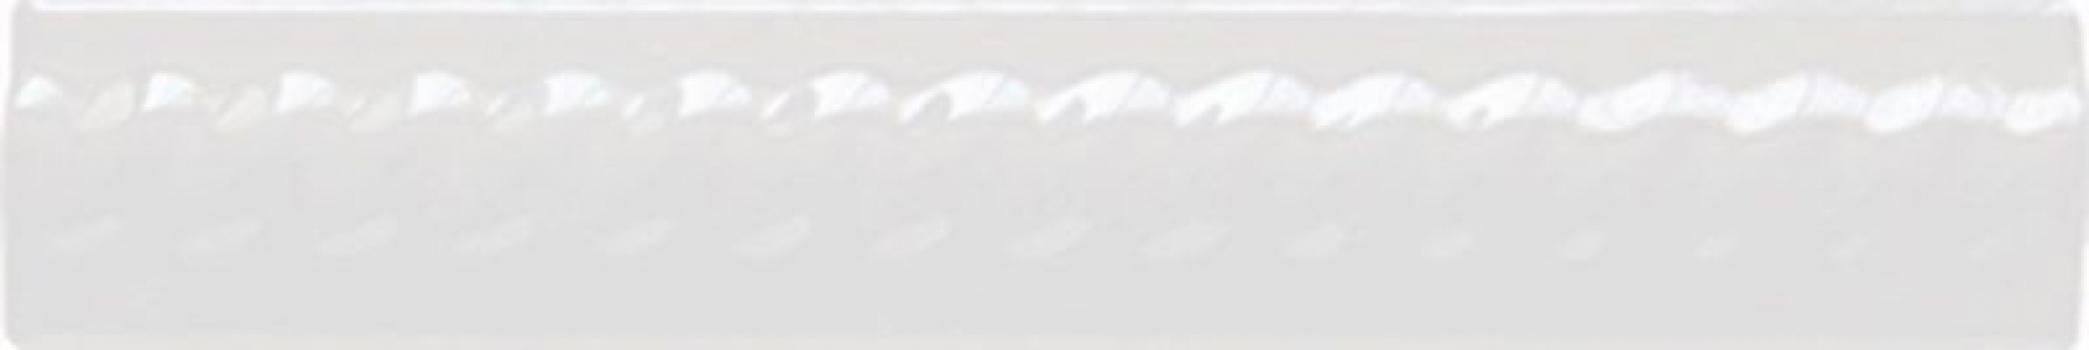 бордюр paris trenza blanco 2,5x15 см CEVICA Trenza Blanco